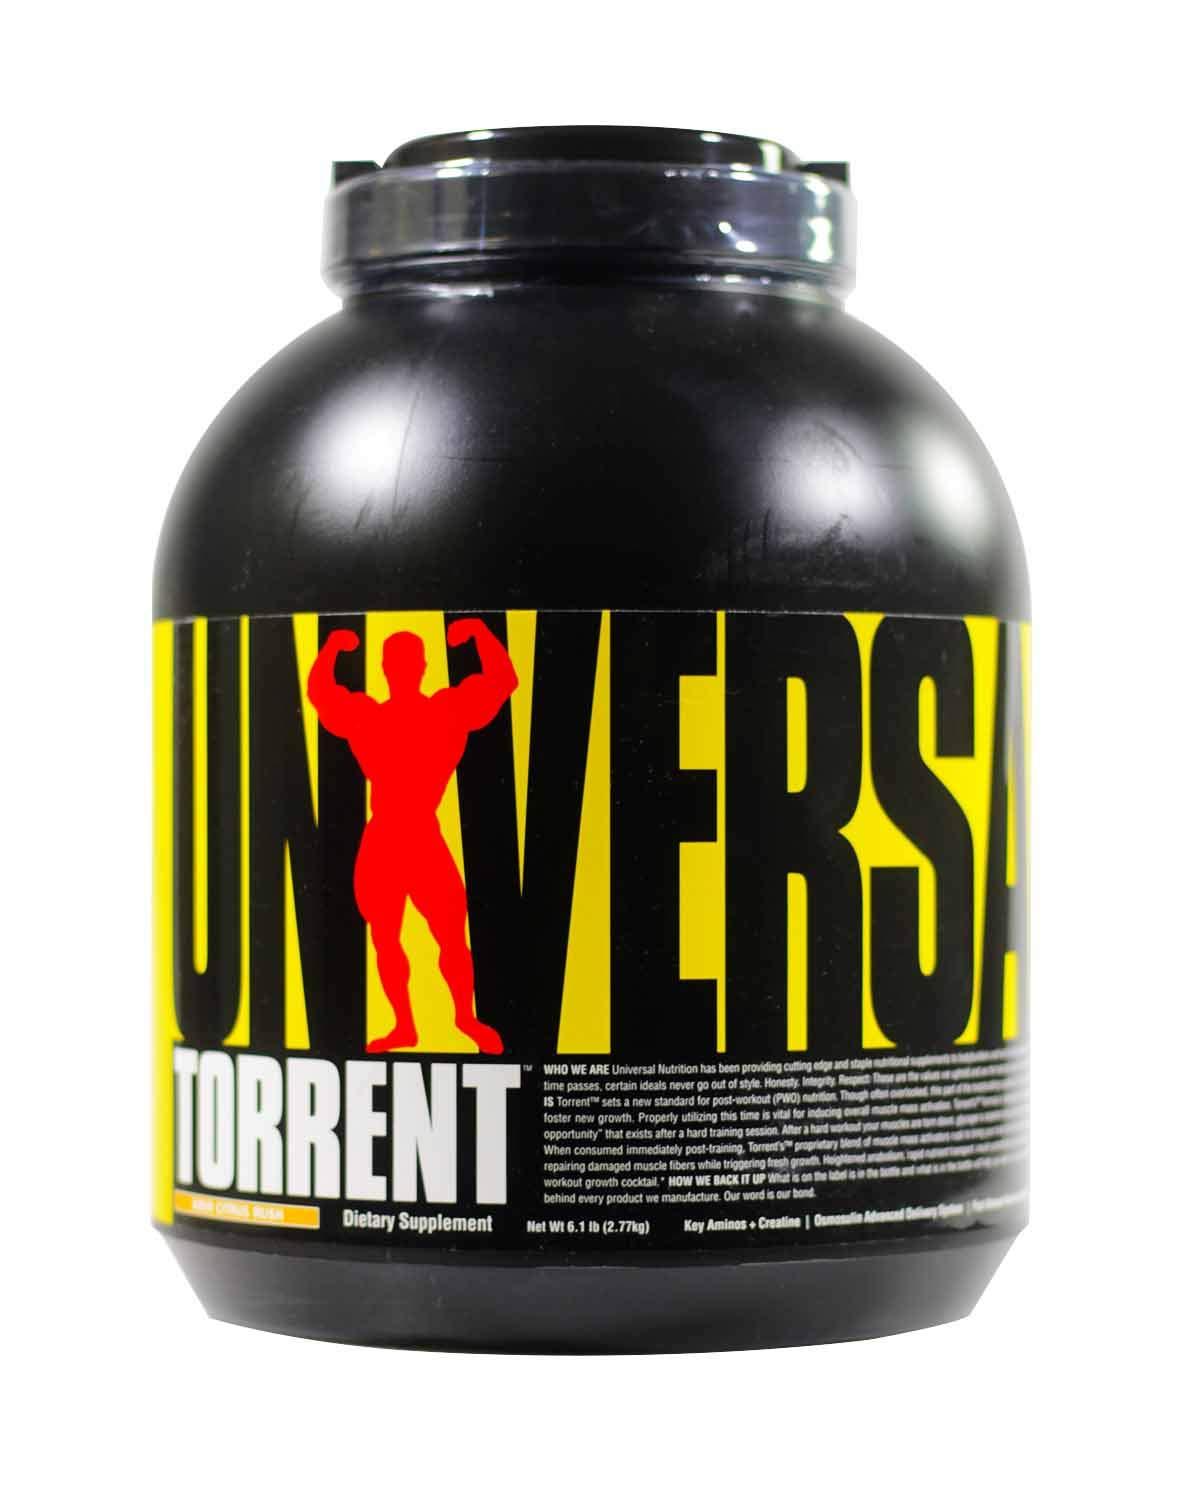 Universal Nutrition Torrent Sour Citrus Rush 6.1 lb (2.77 kg)